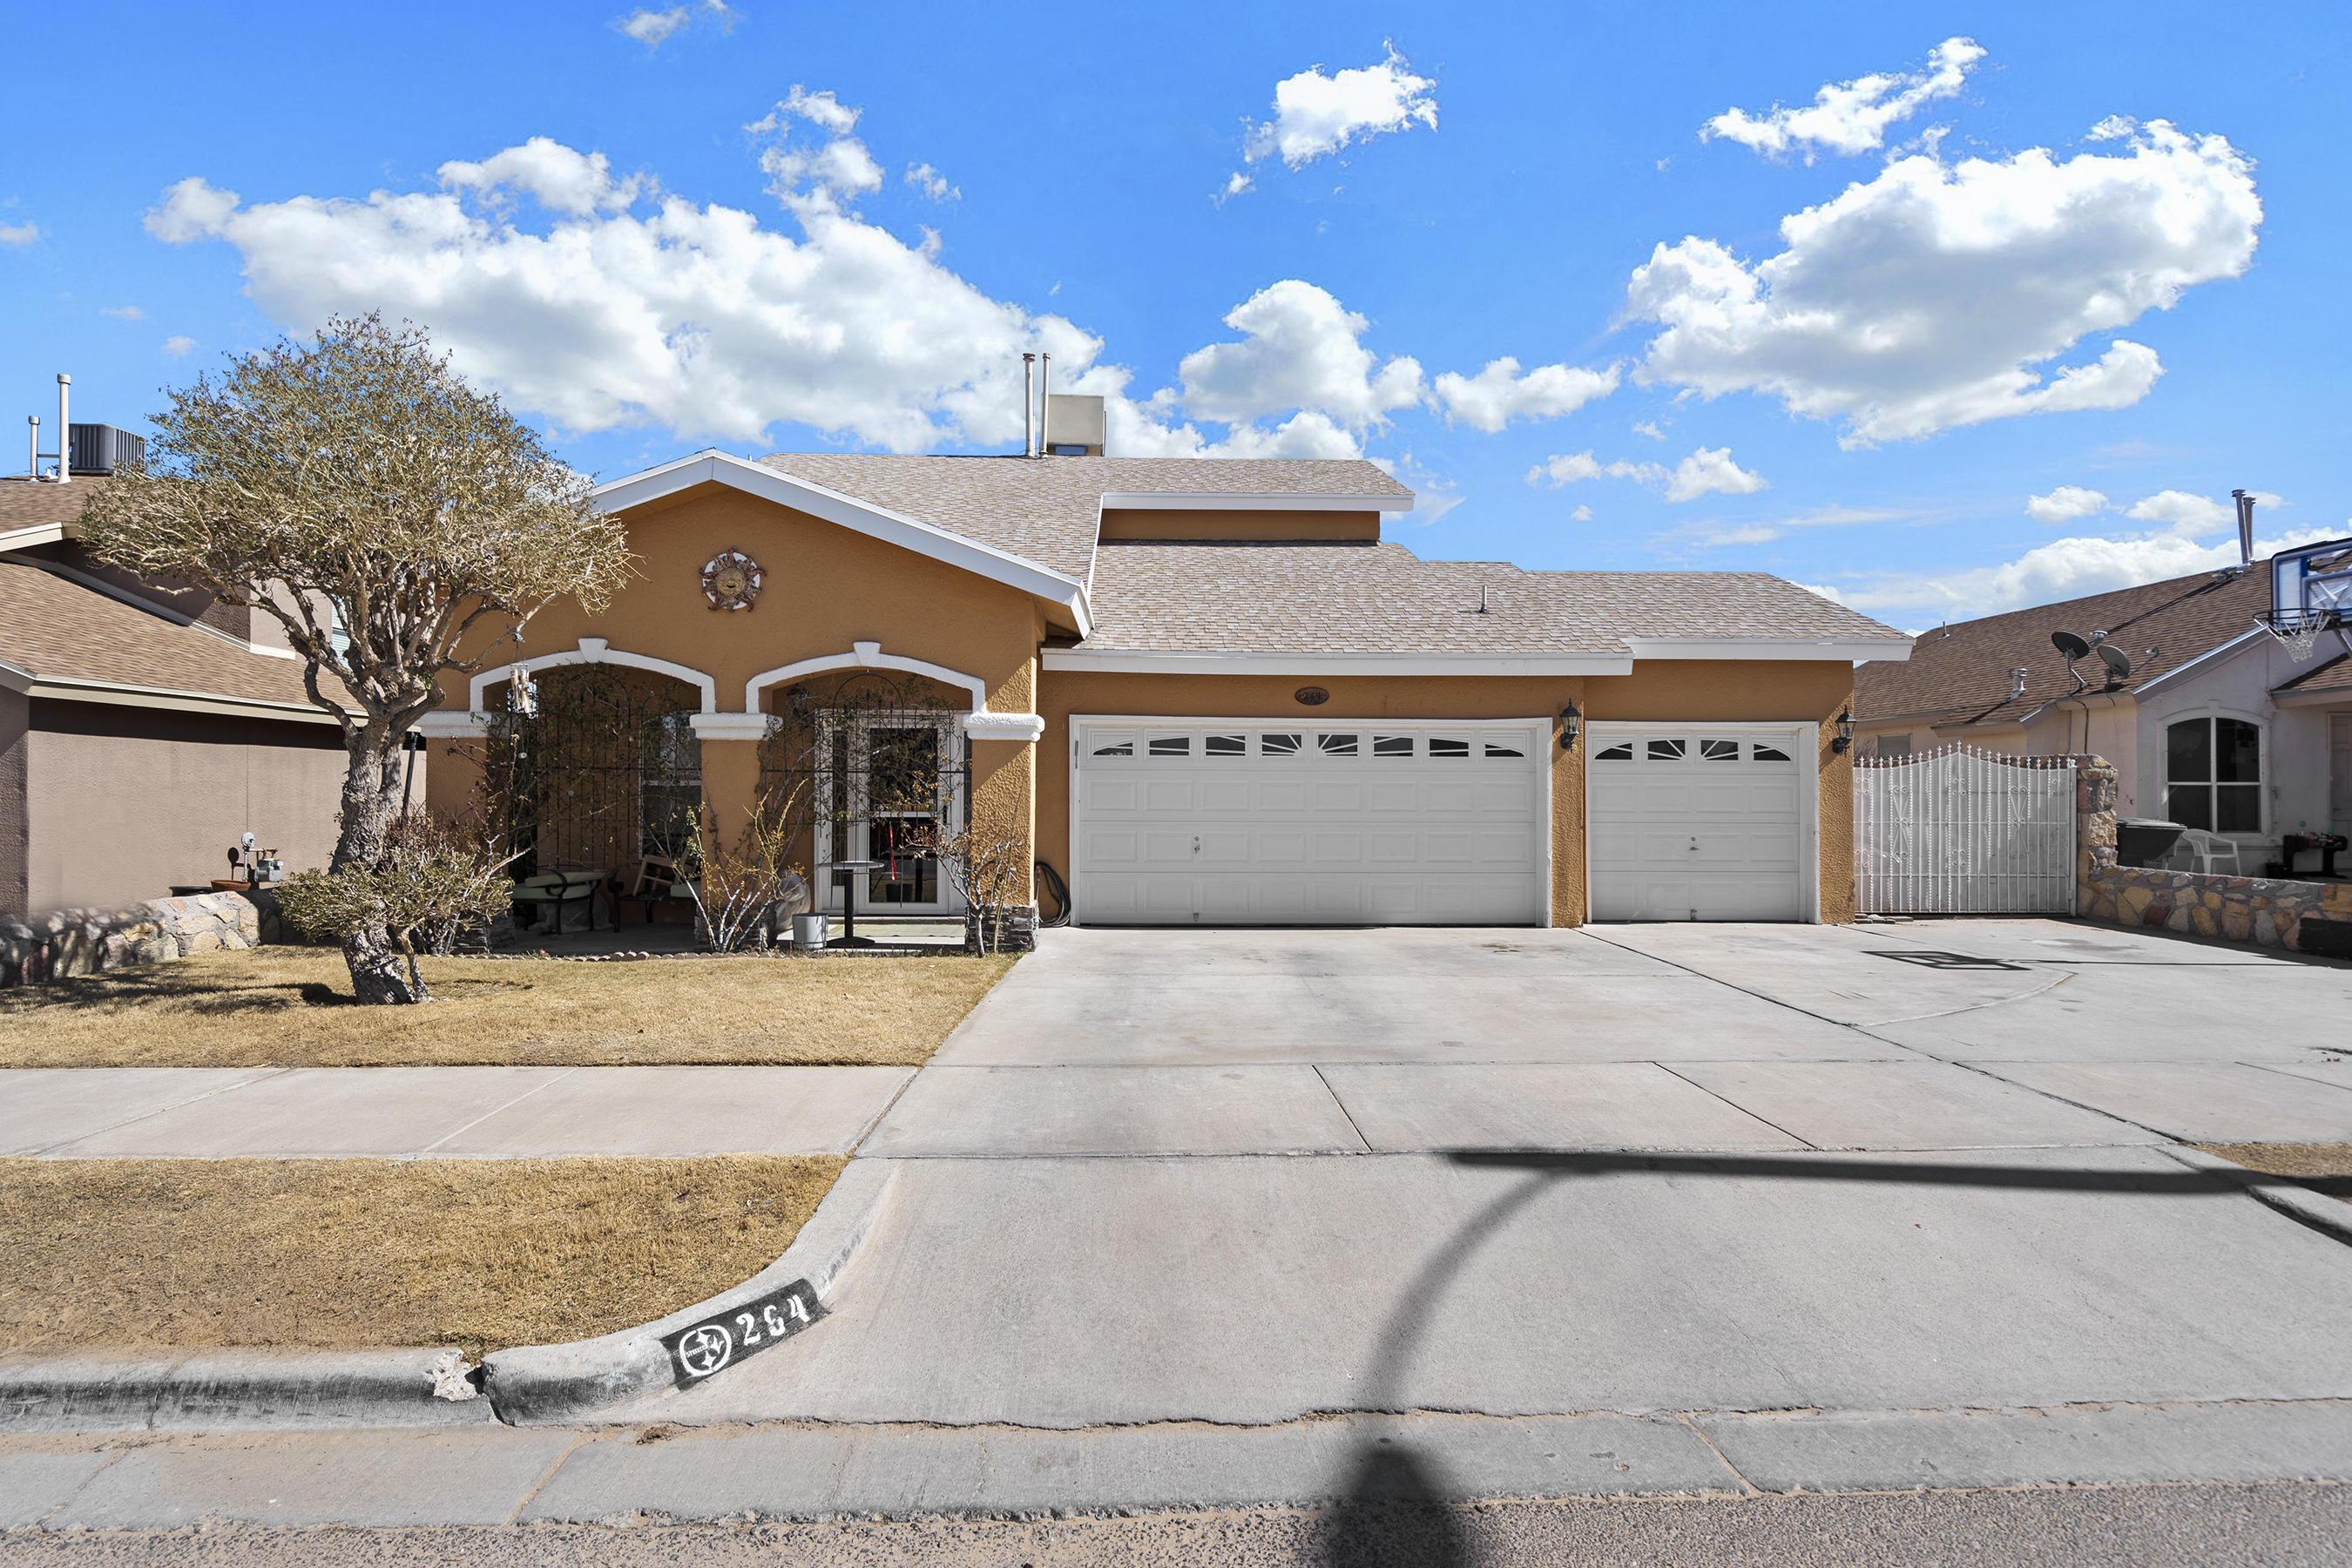 264 Lago Grande, Horizon City, Texas 79928, 3 Bedrooms Bedrooms, ,2 BathroomsBathrooms,Residential,For sale,Lago Grande,841613